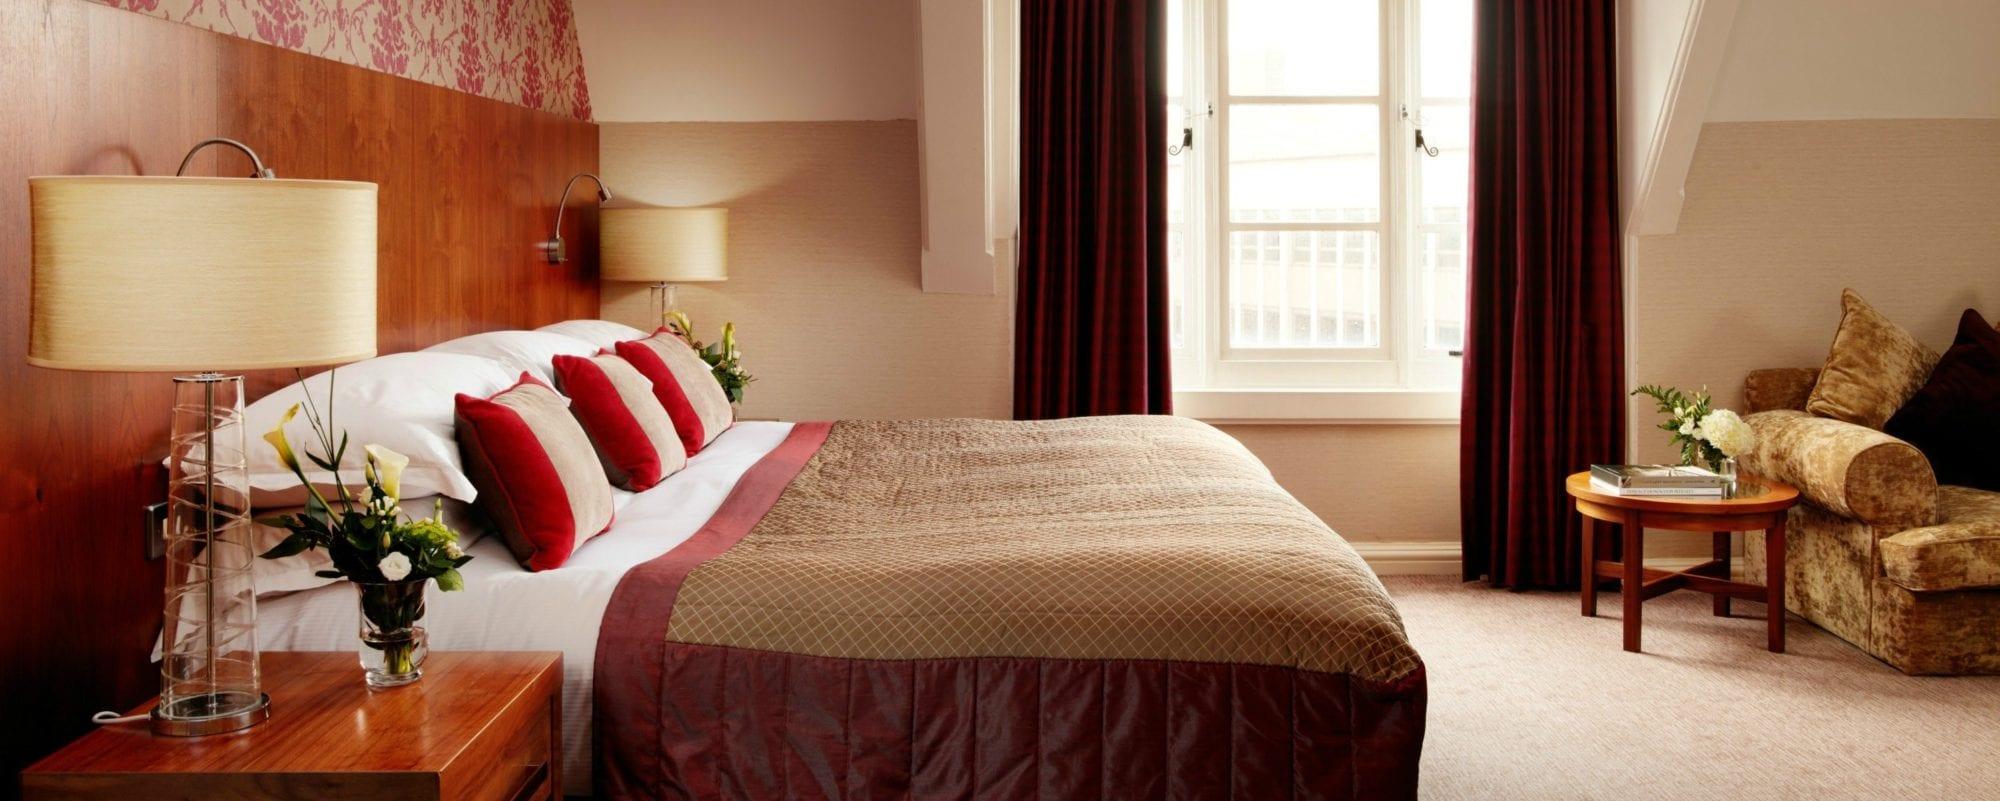 Rooms-Suites-Homepage-Slide2